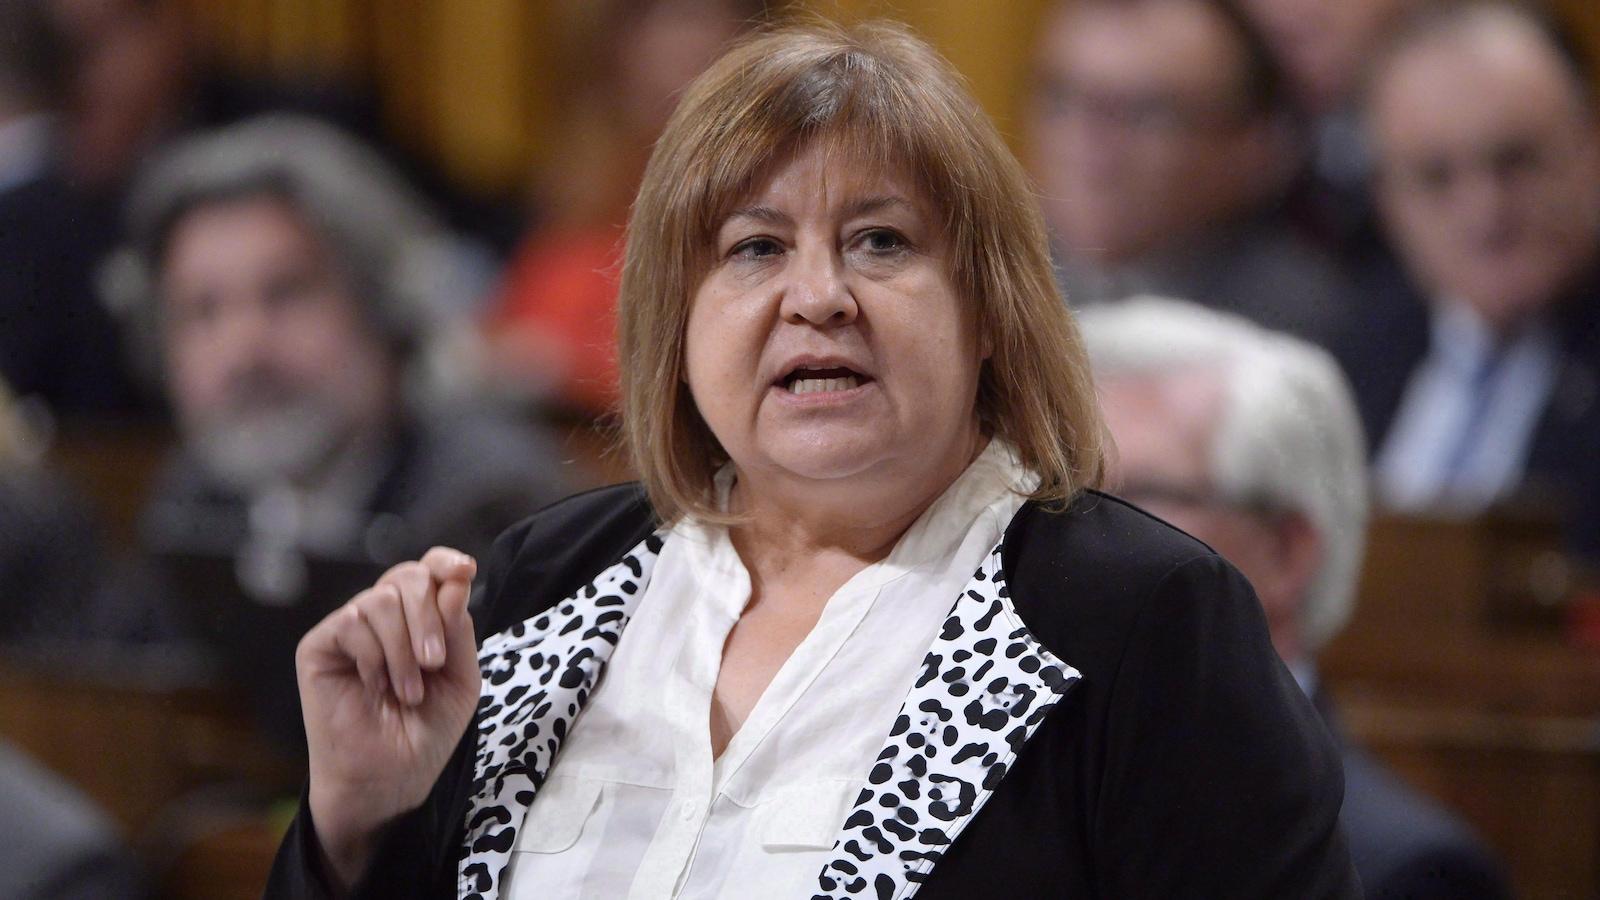 La députée libérale MaryAnn Mihychuk souhaite que les artéfacts autochtones entreposés à Winnipeg ne soient pas déménagés à Gatineau.